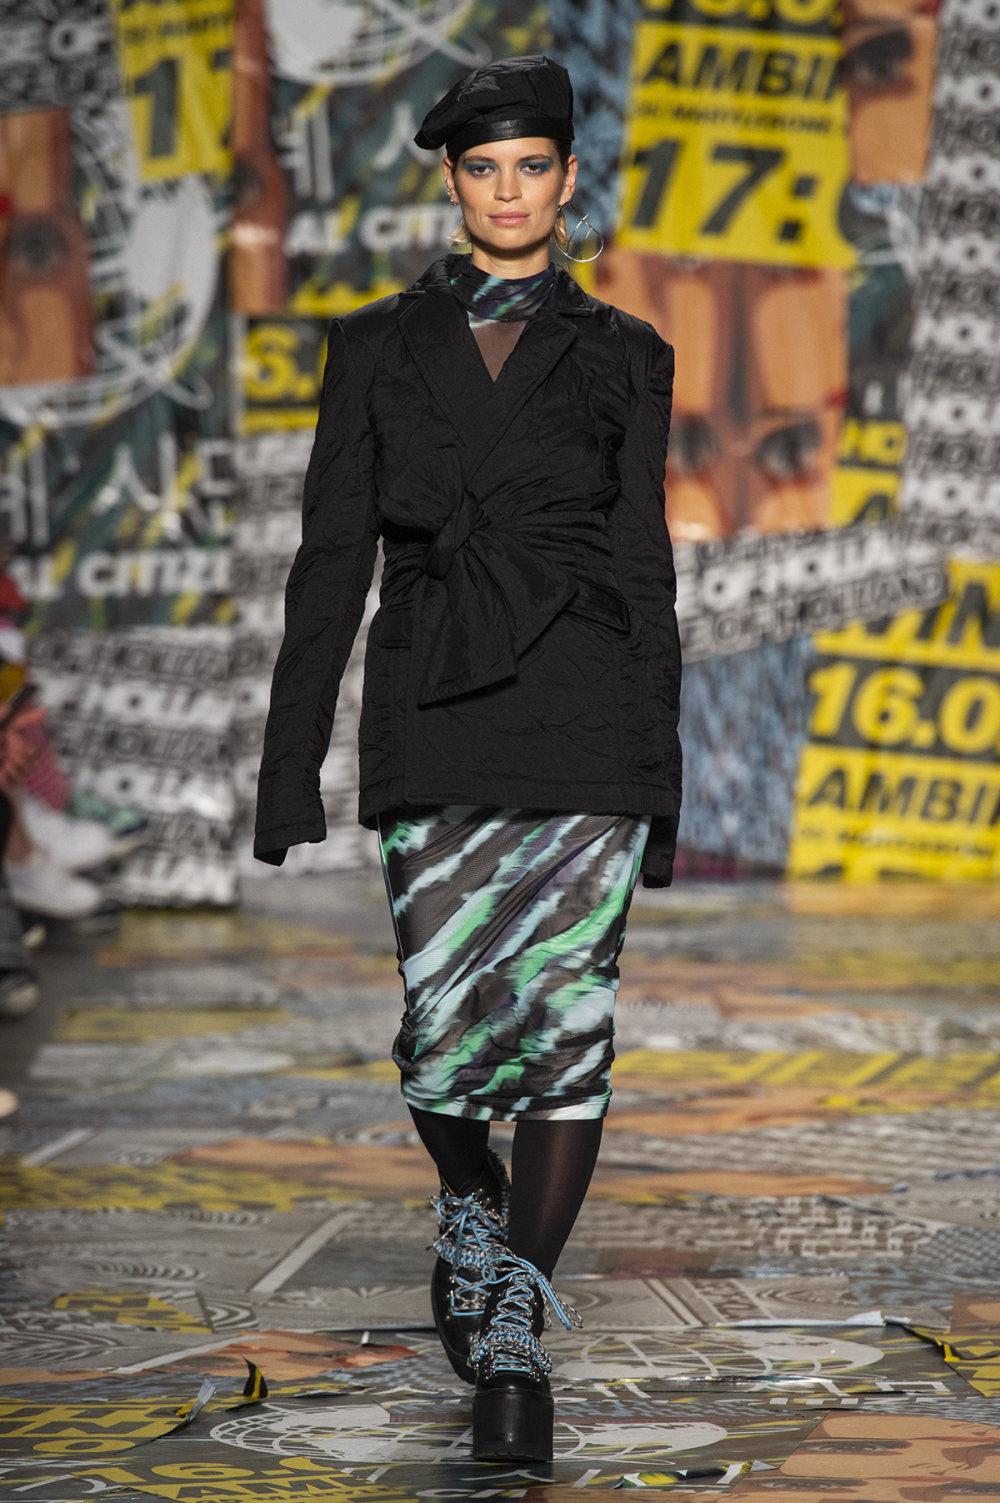 House of Holland时装系列渐变色粉色蕾丝中腰采用女性化設計-15.jpg